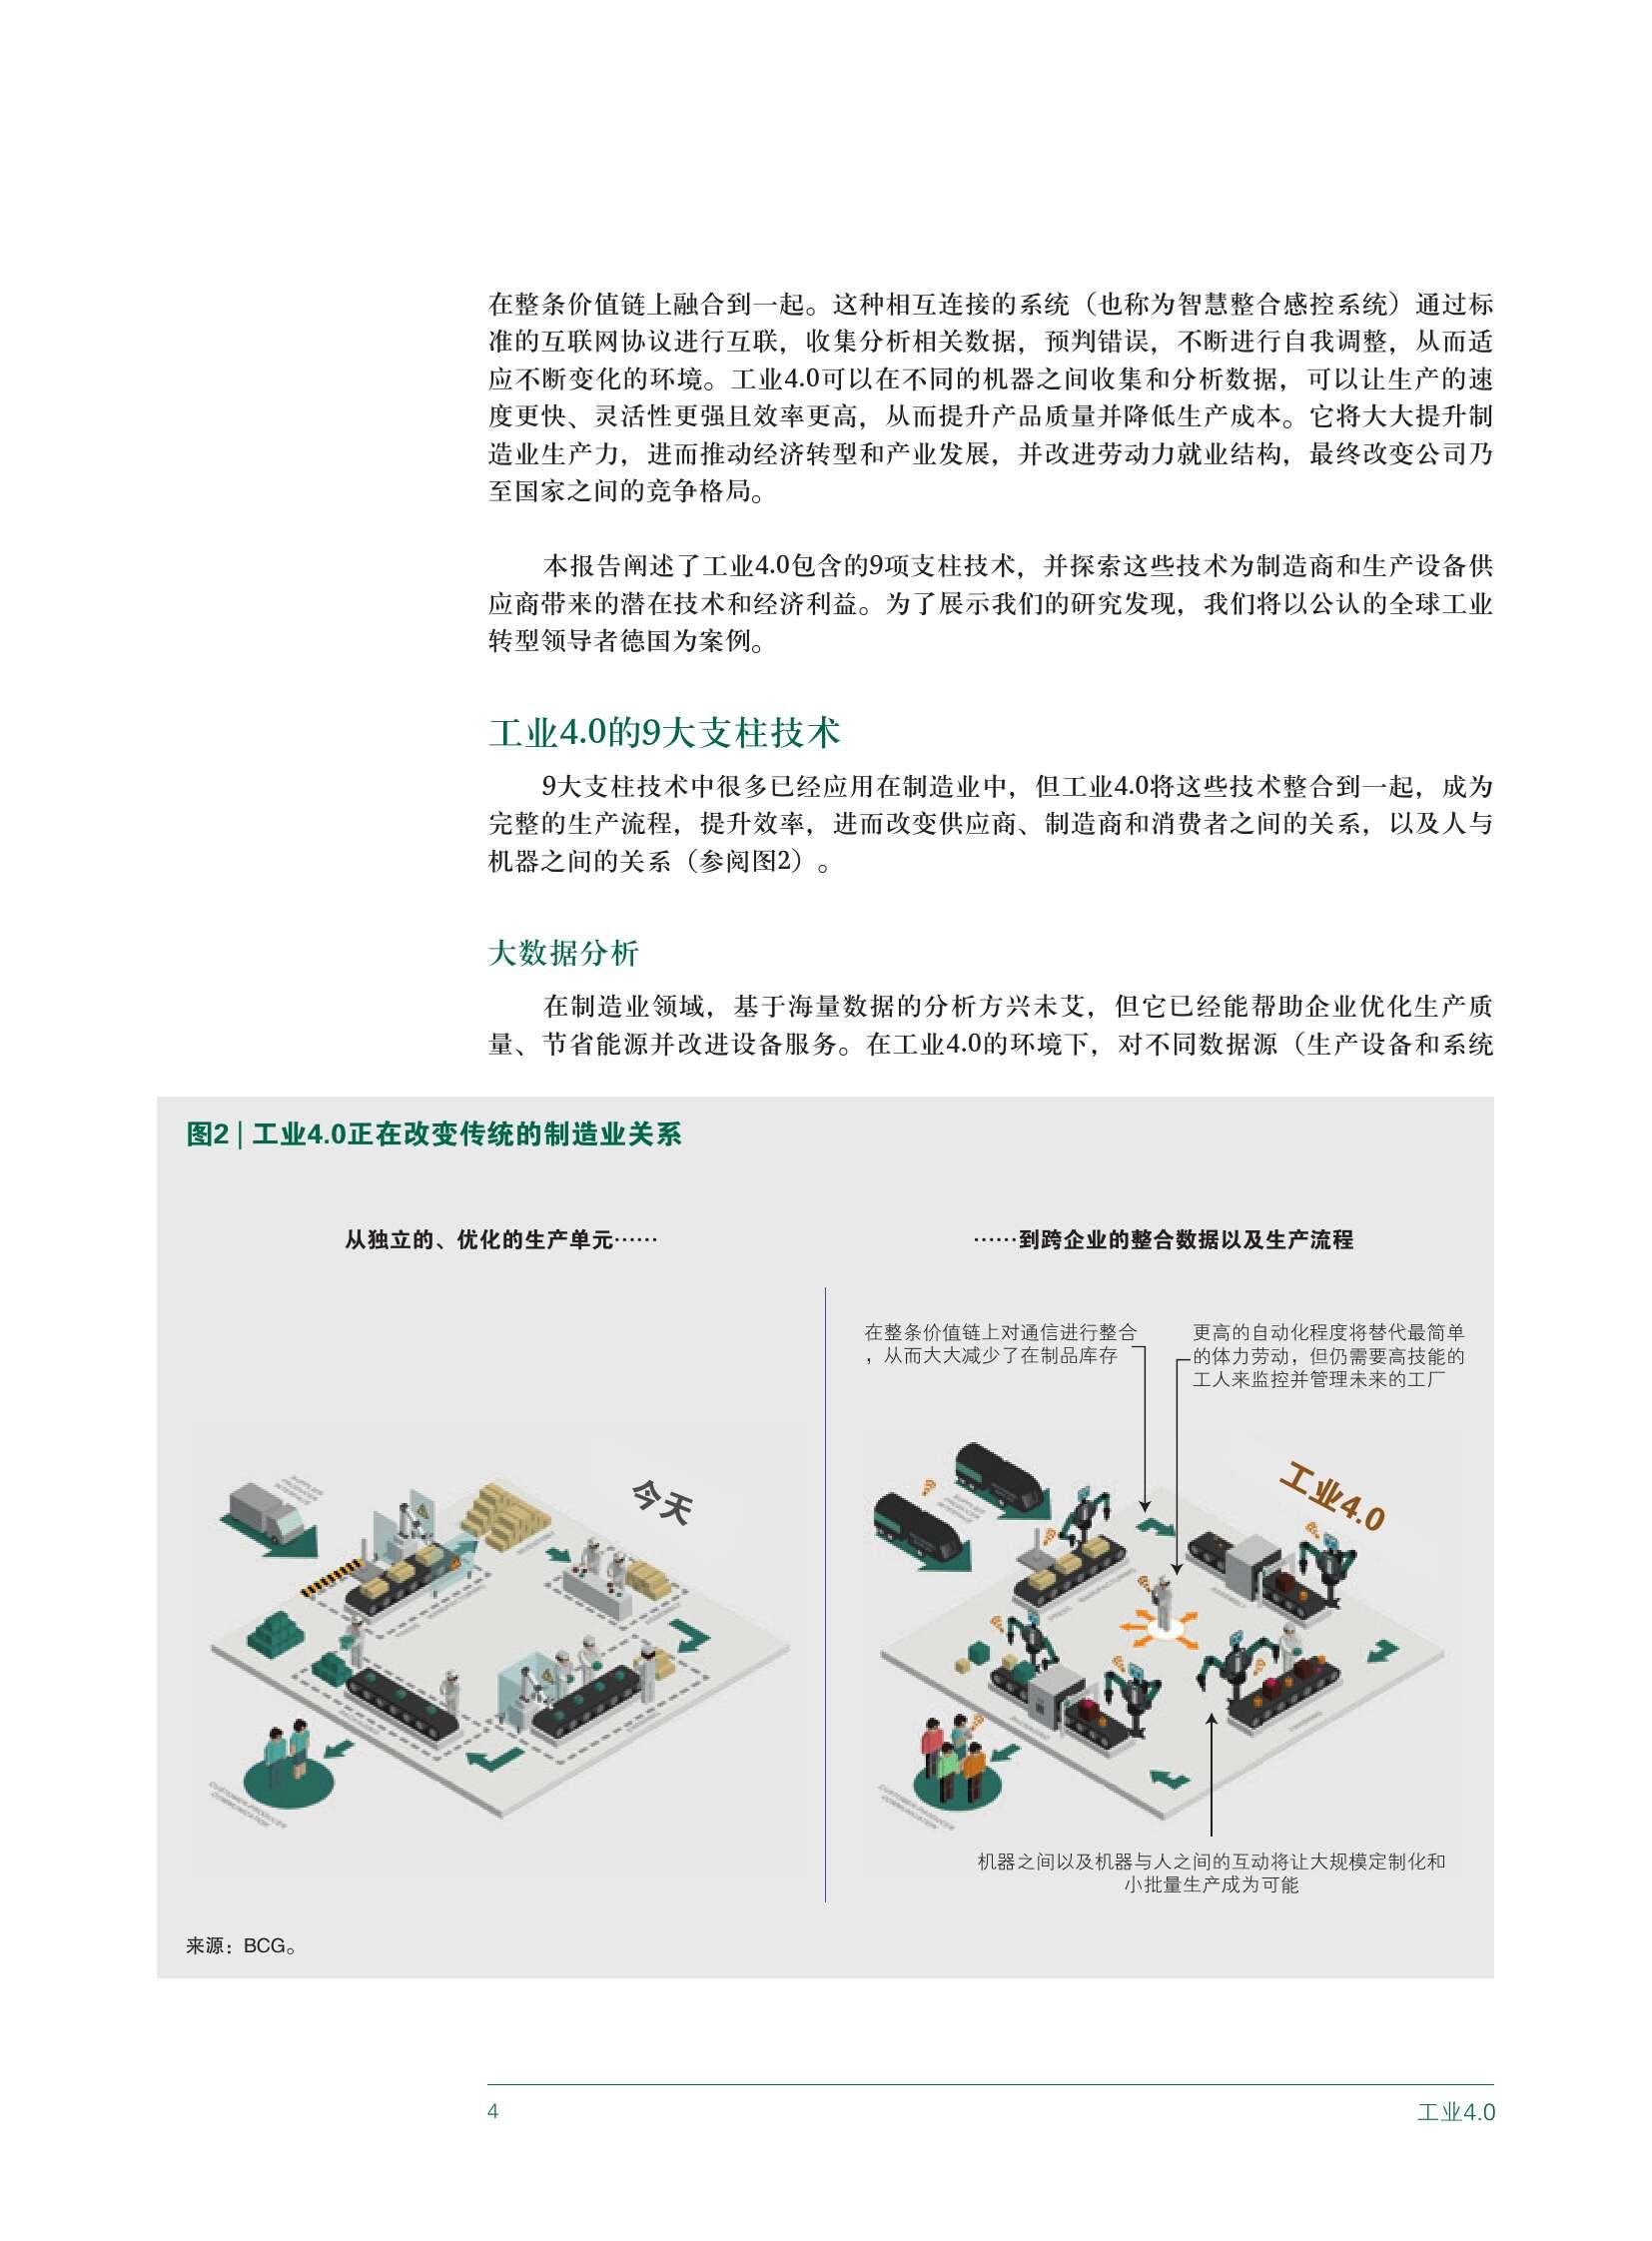 工业4.0:未来生产力与制造业发展前景_000006